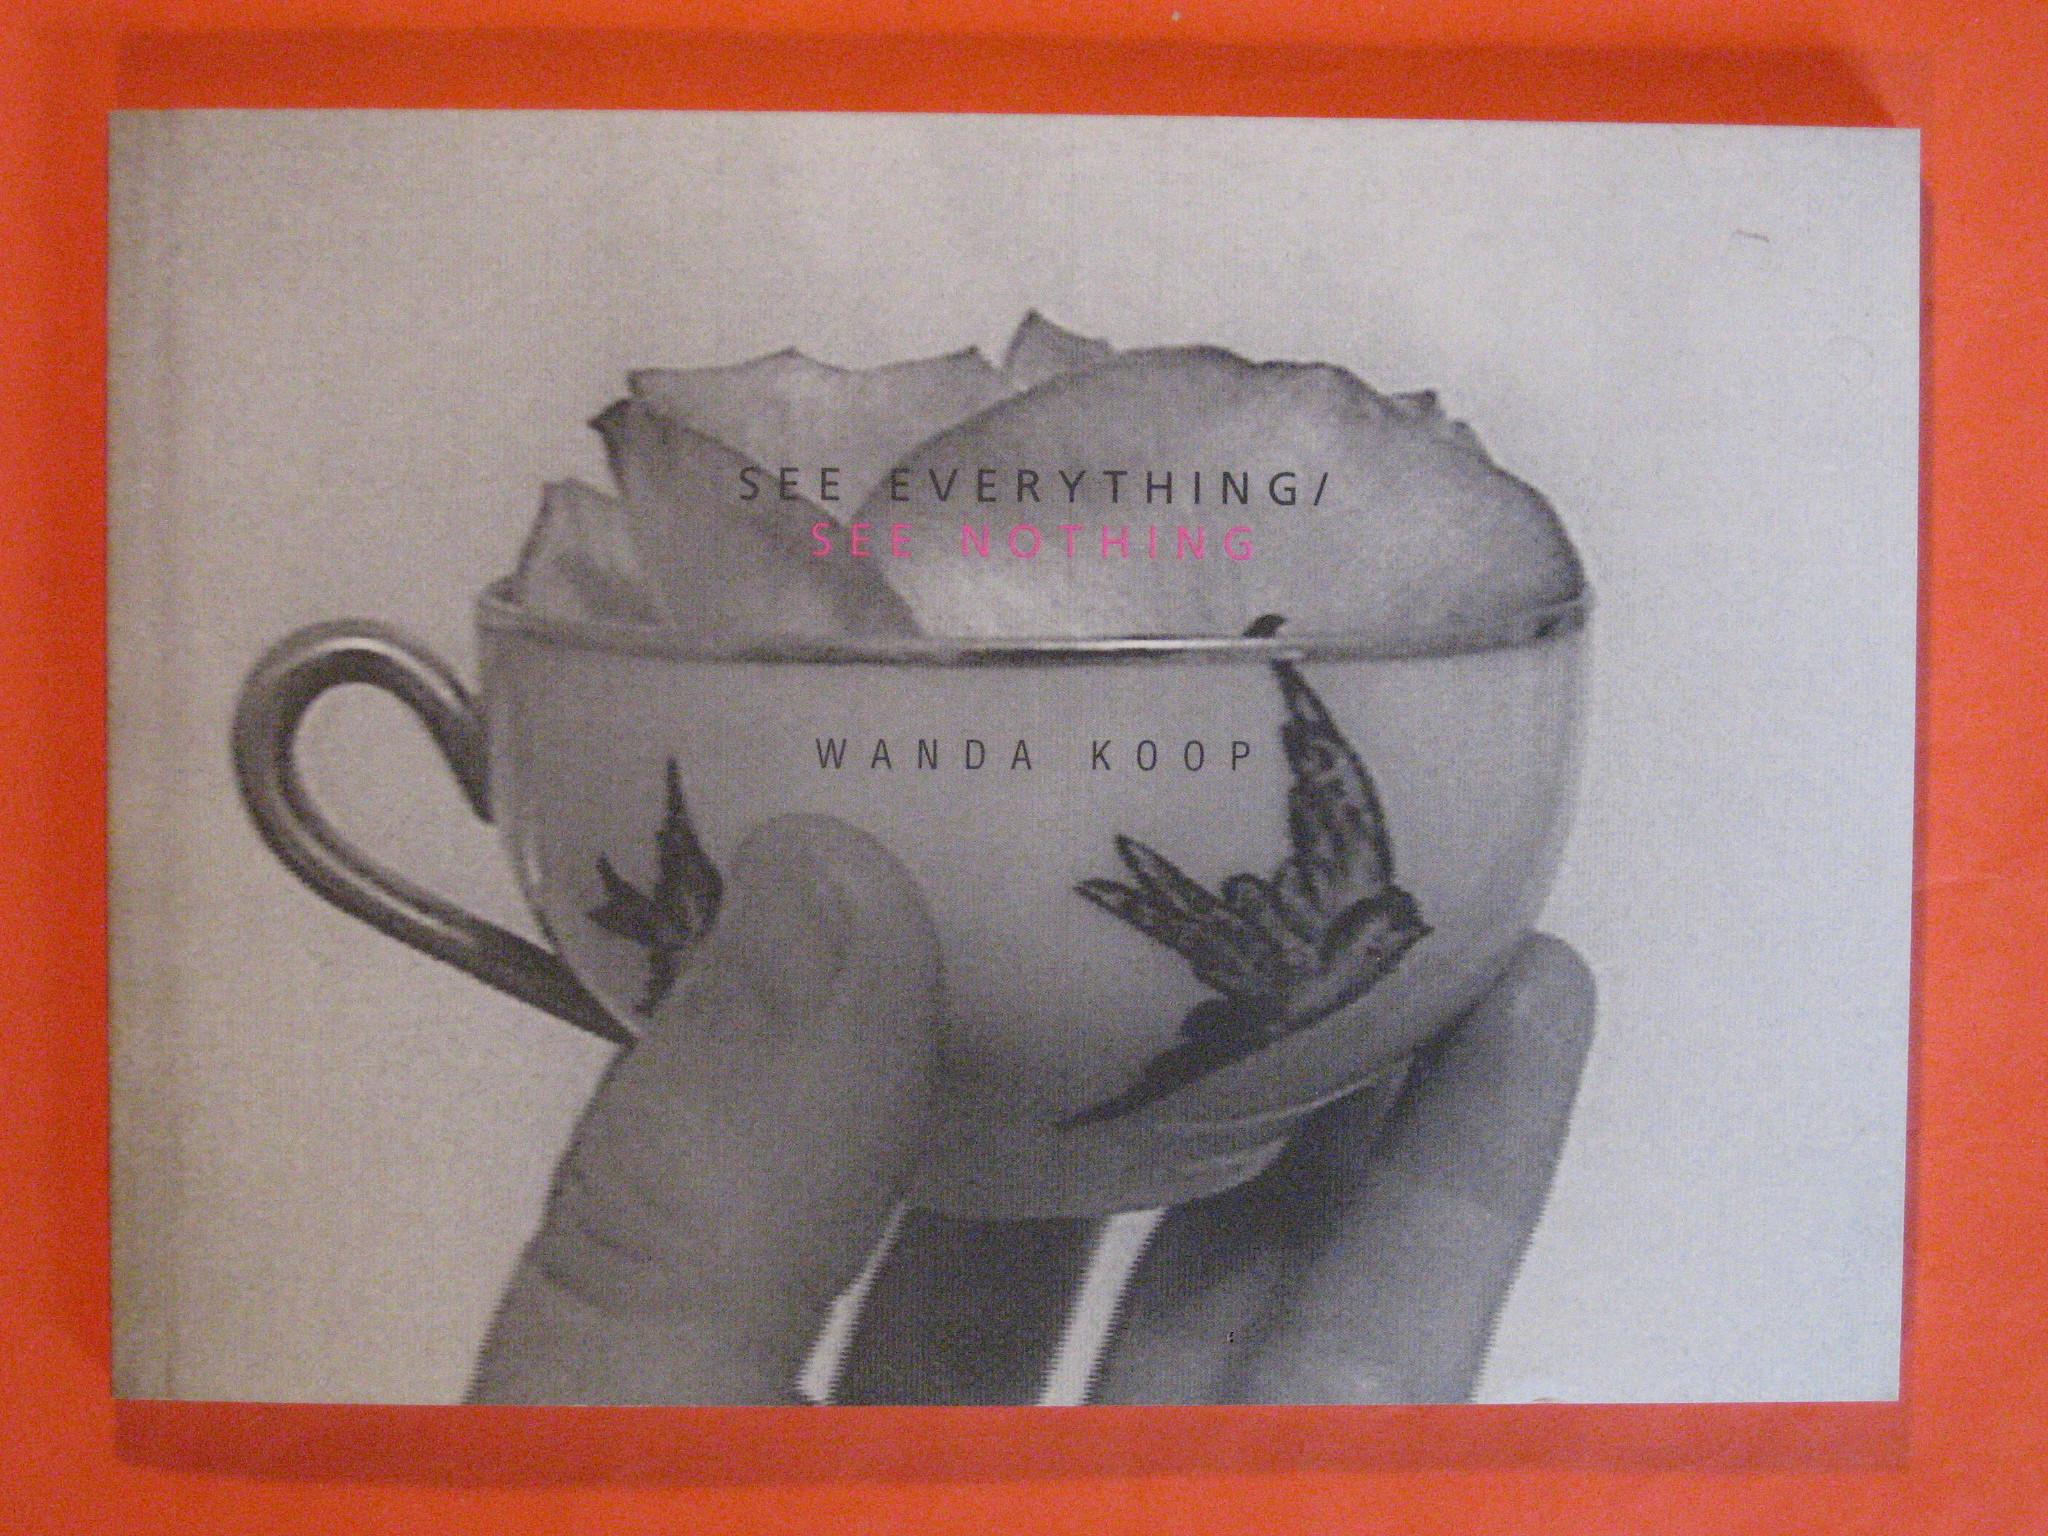 See Everything, See Nothing, Wanda Koop